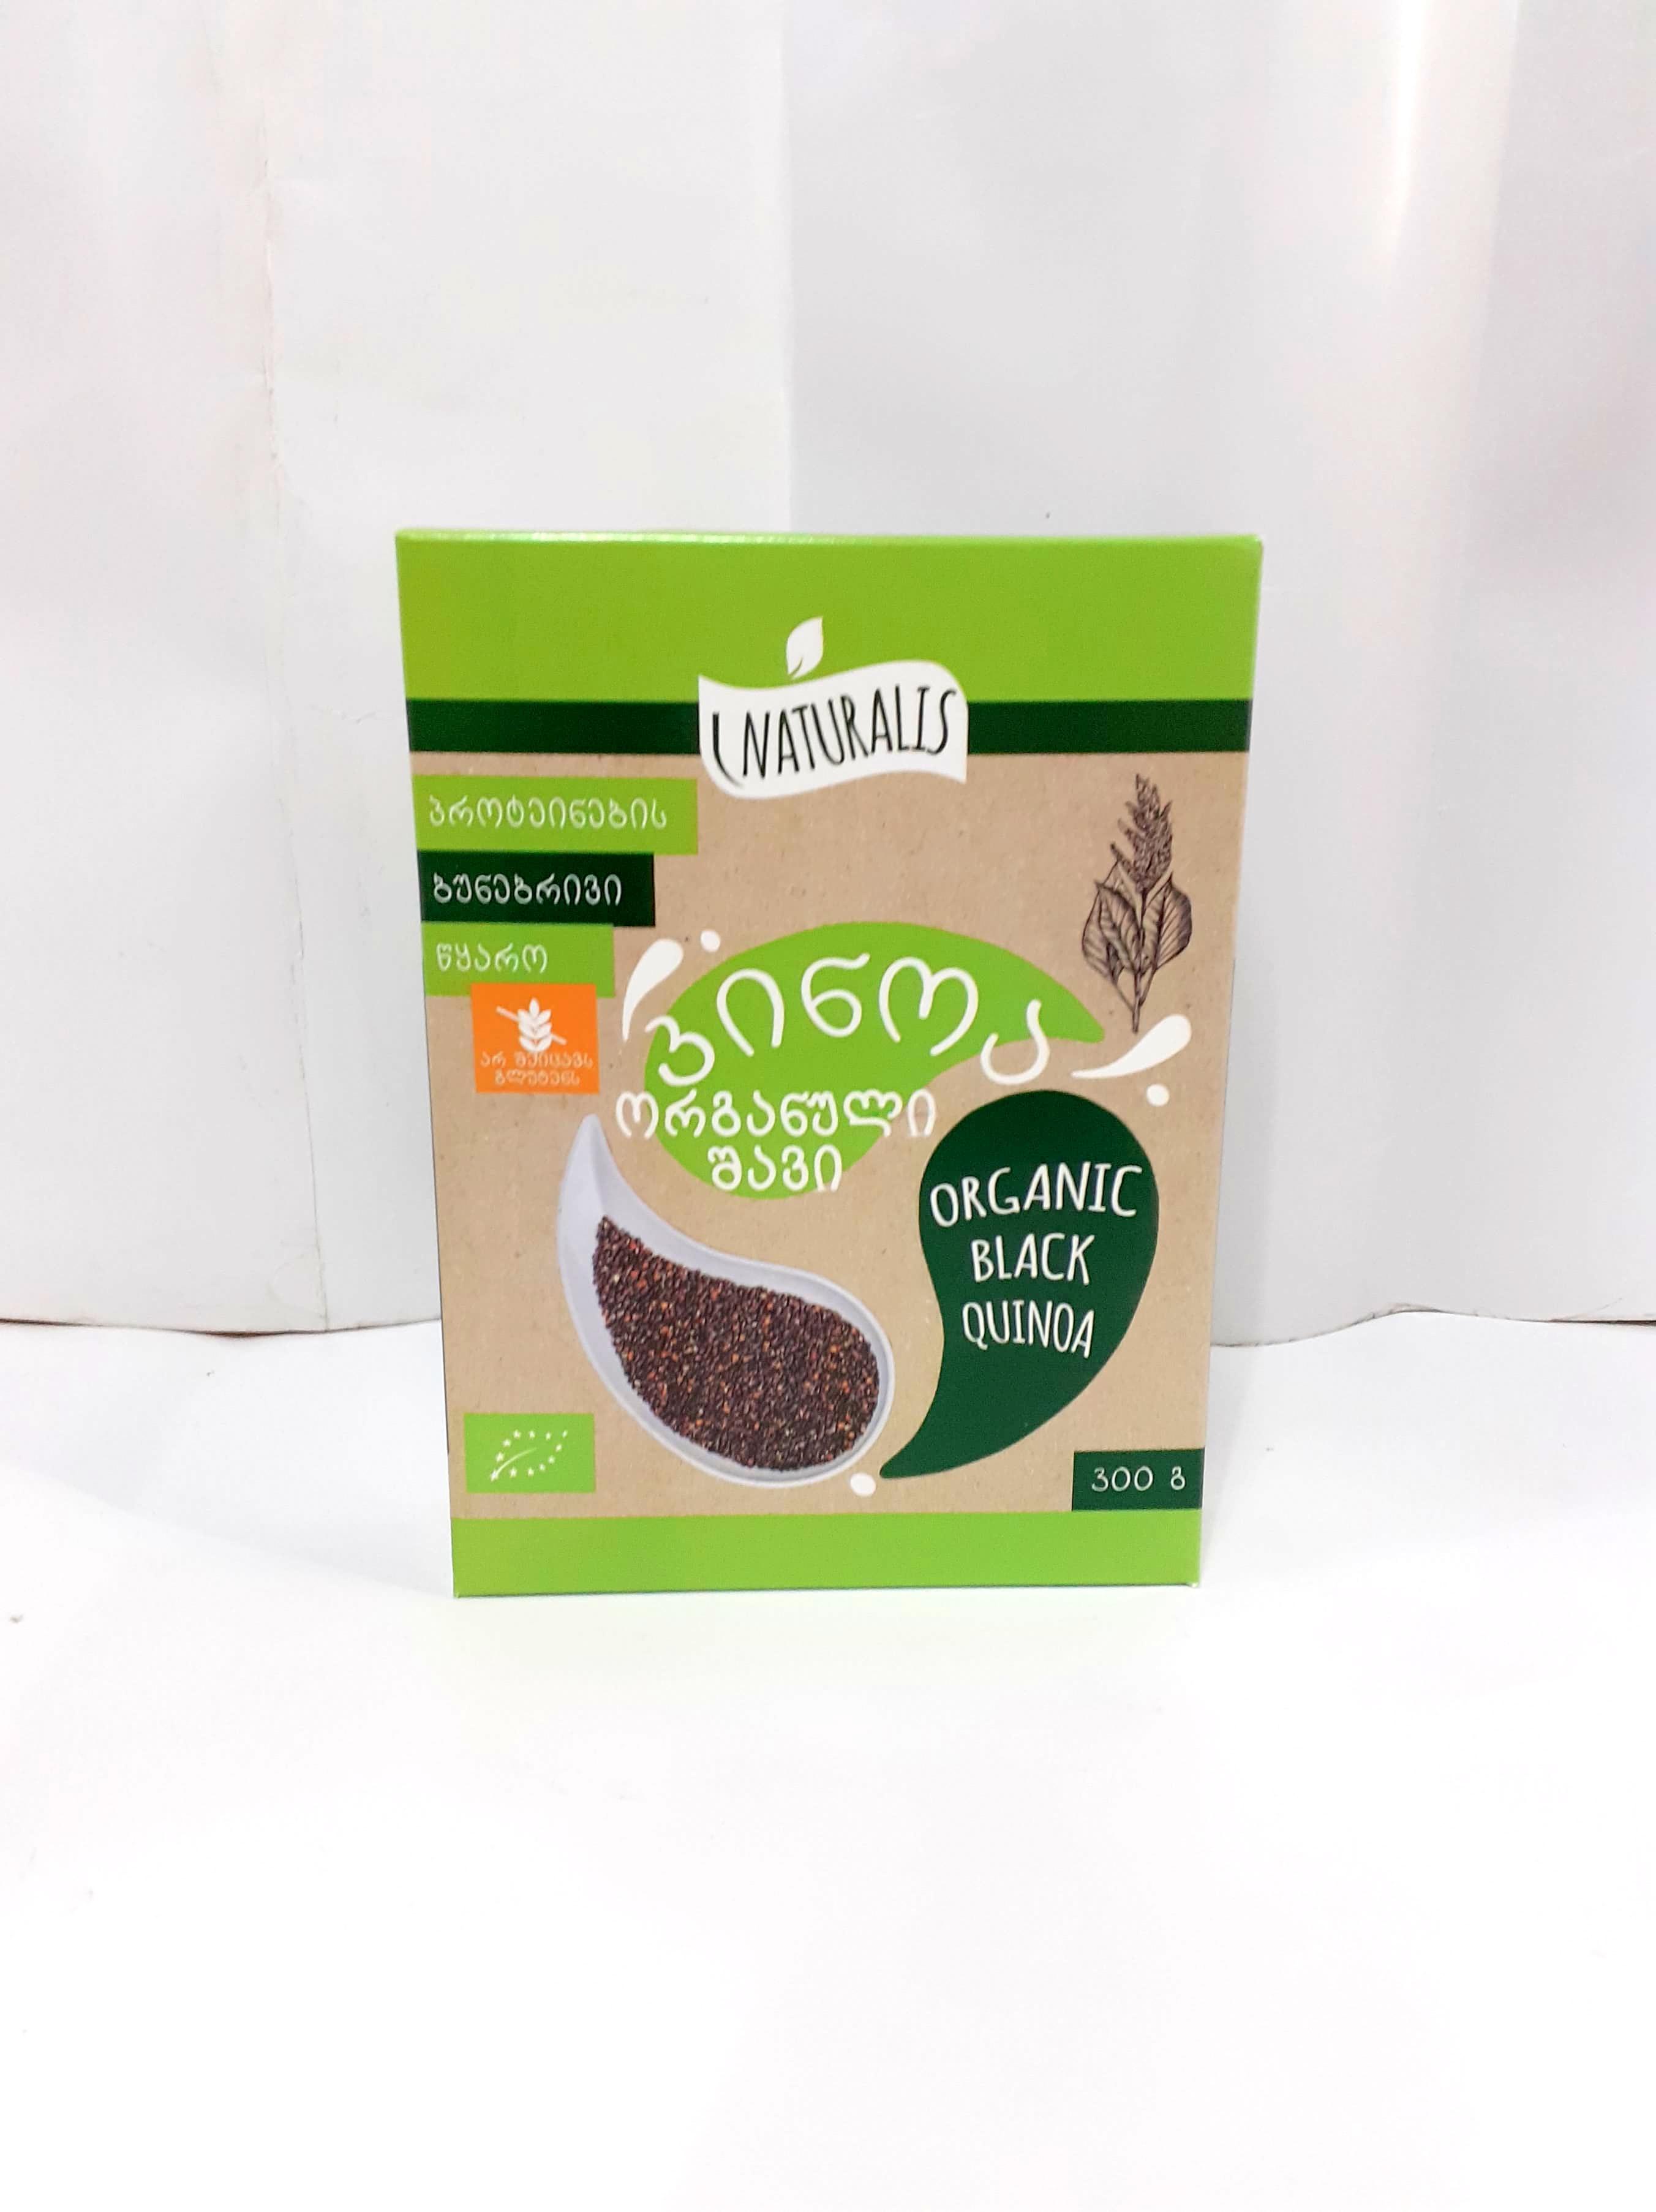 კინოა ორგანული შავი 300 გ - quinoa is organic black 300 g